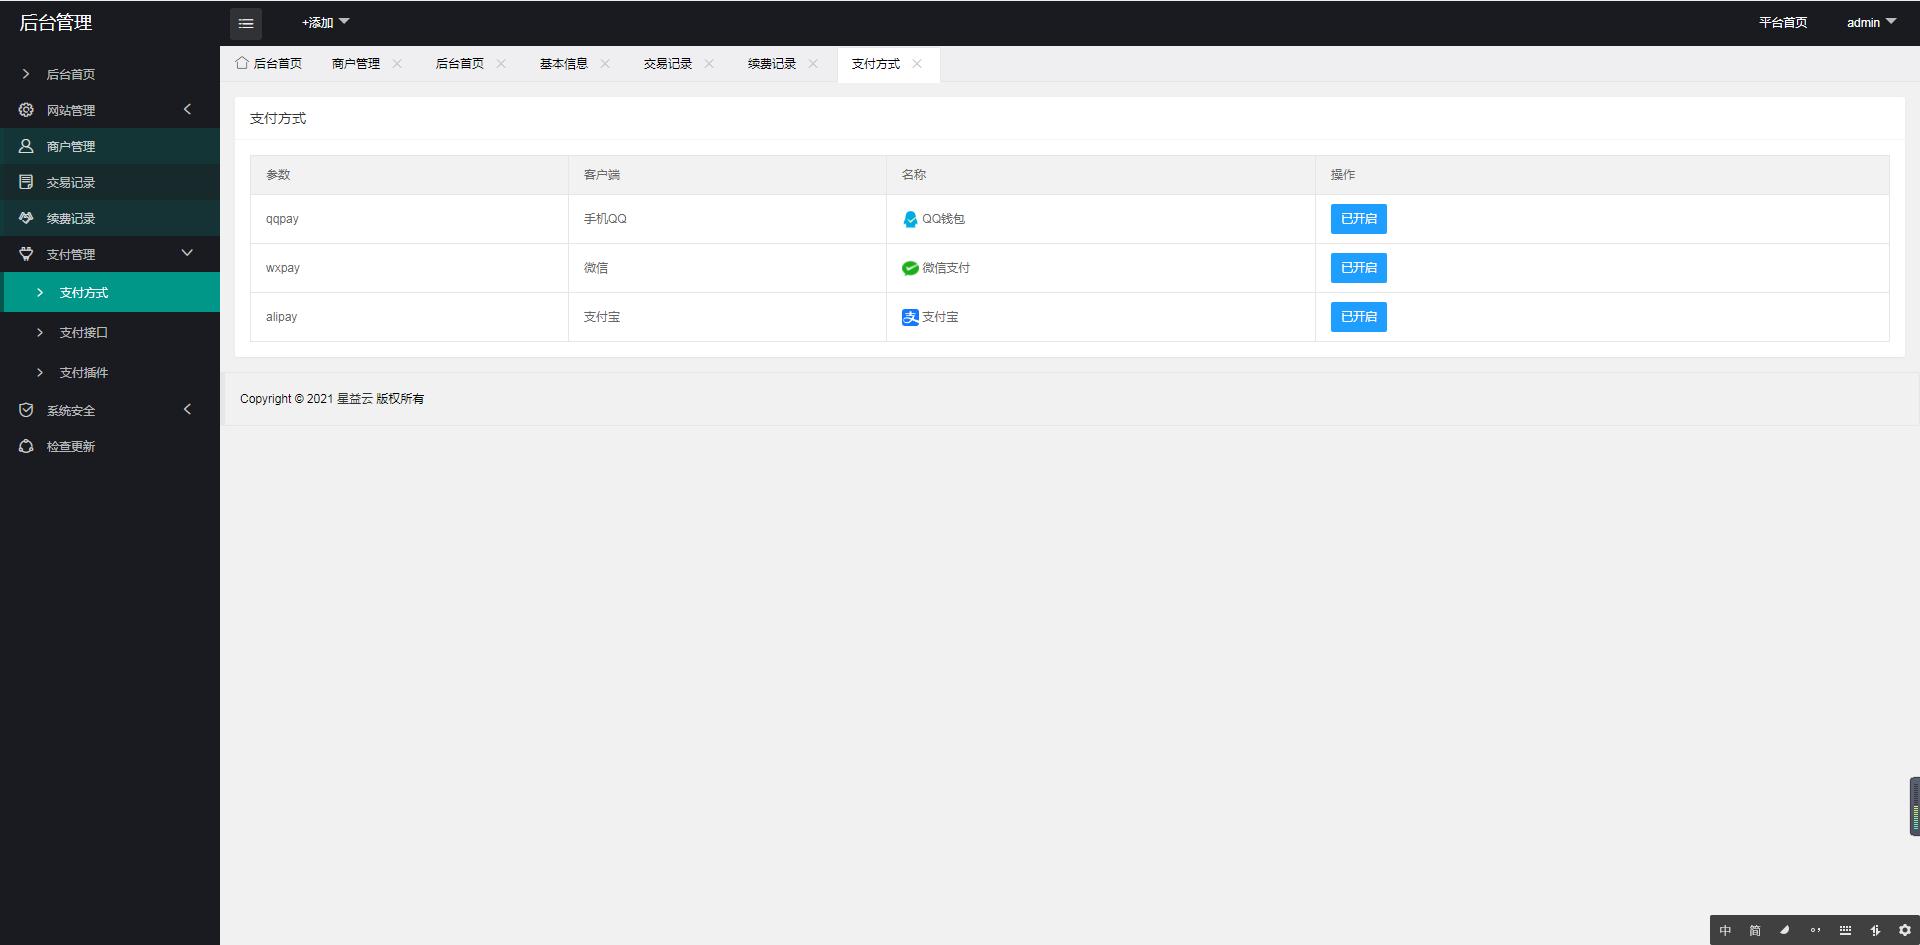 亲测丨ThinkPHP聚合支付网站源码 聚合收银台系统平台源码下载